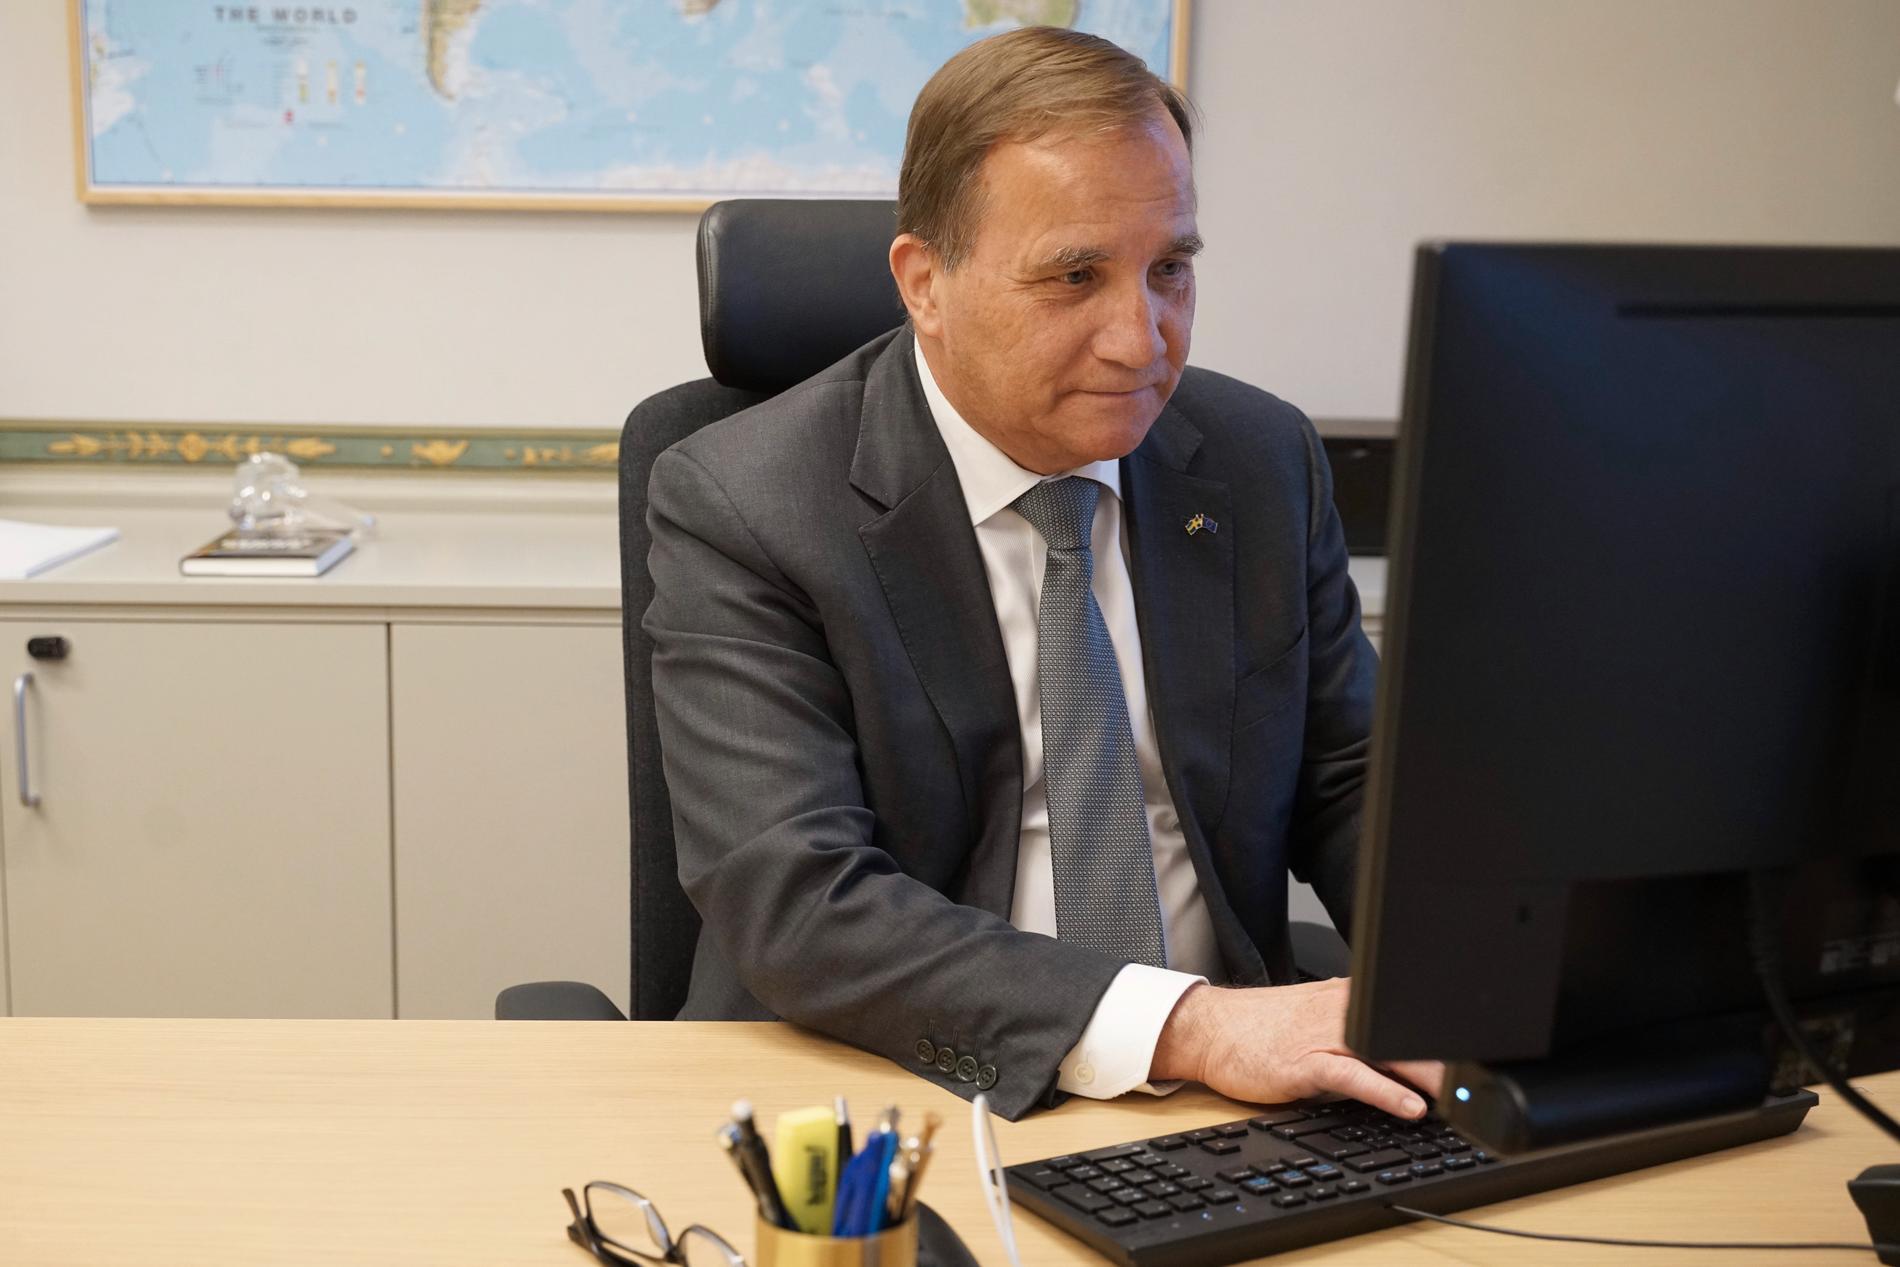 Statsminister Stefan Löfven under chatten med Aftonbladets läsare.